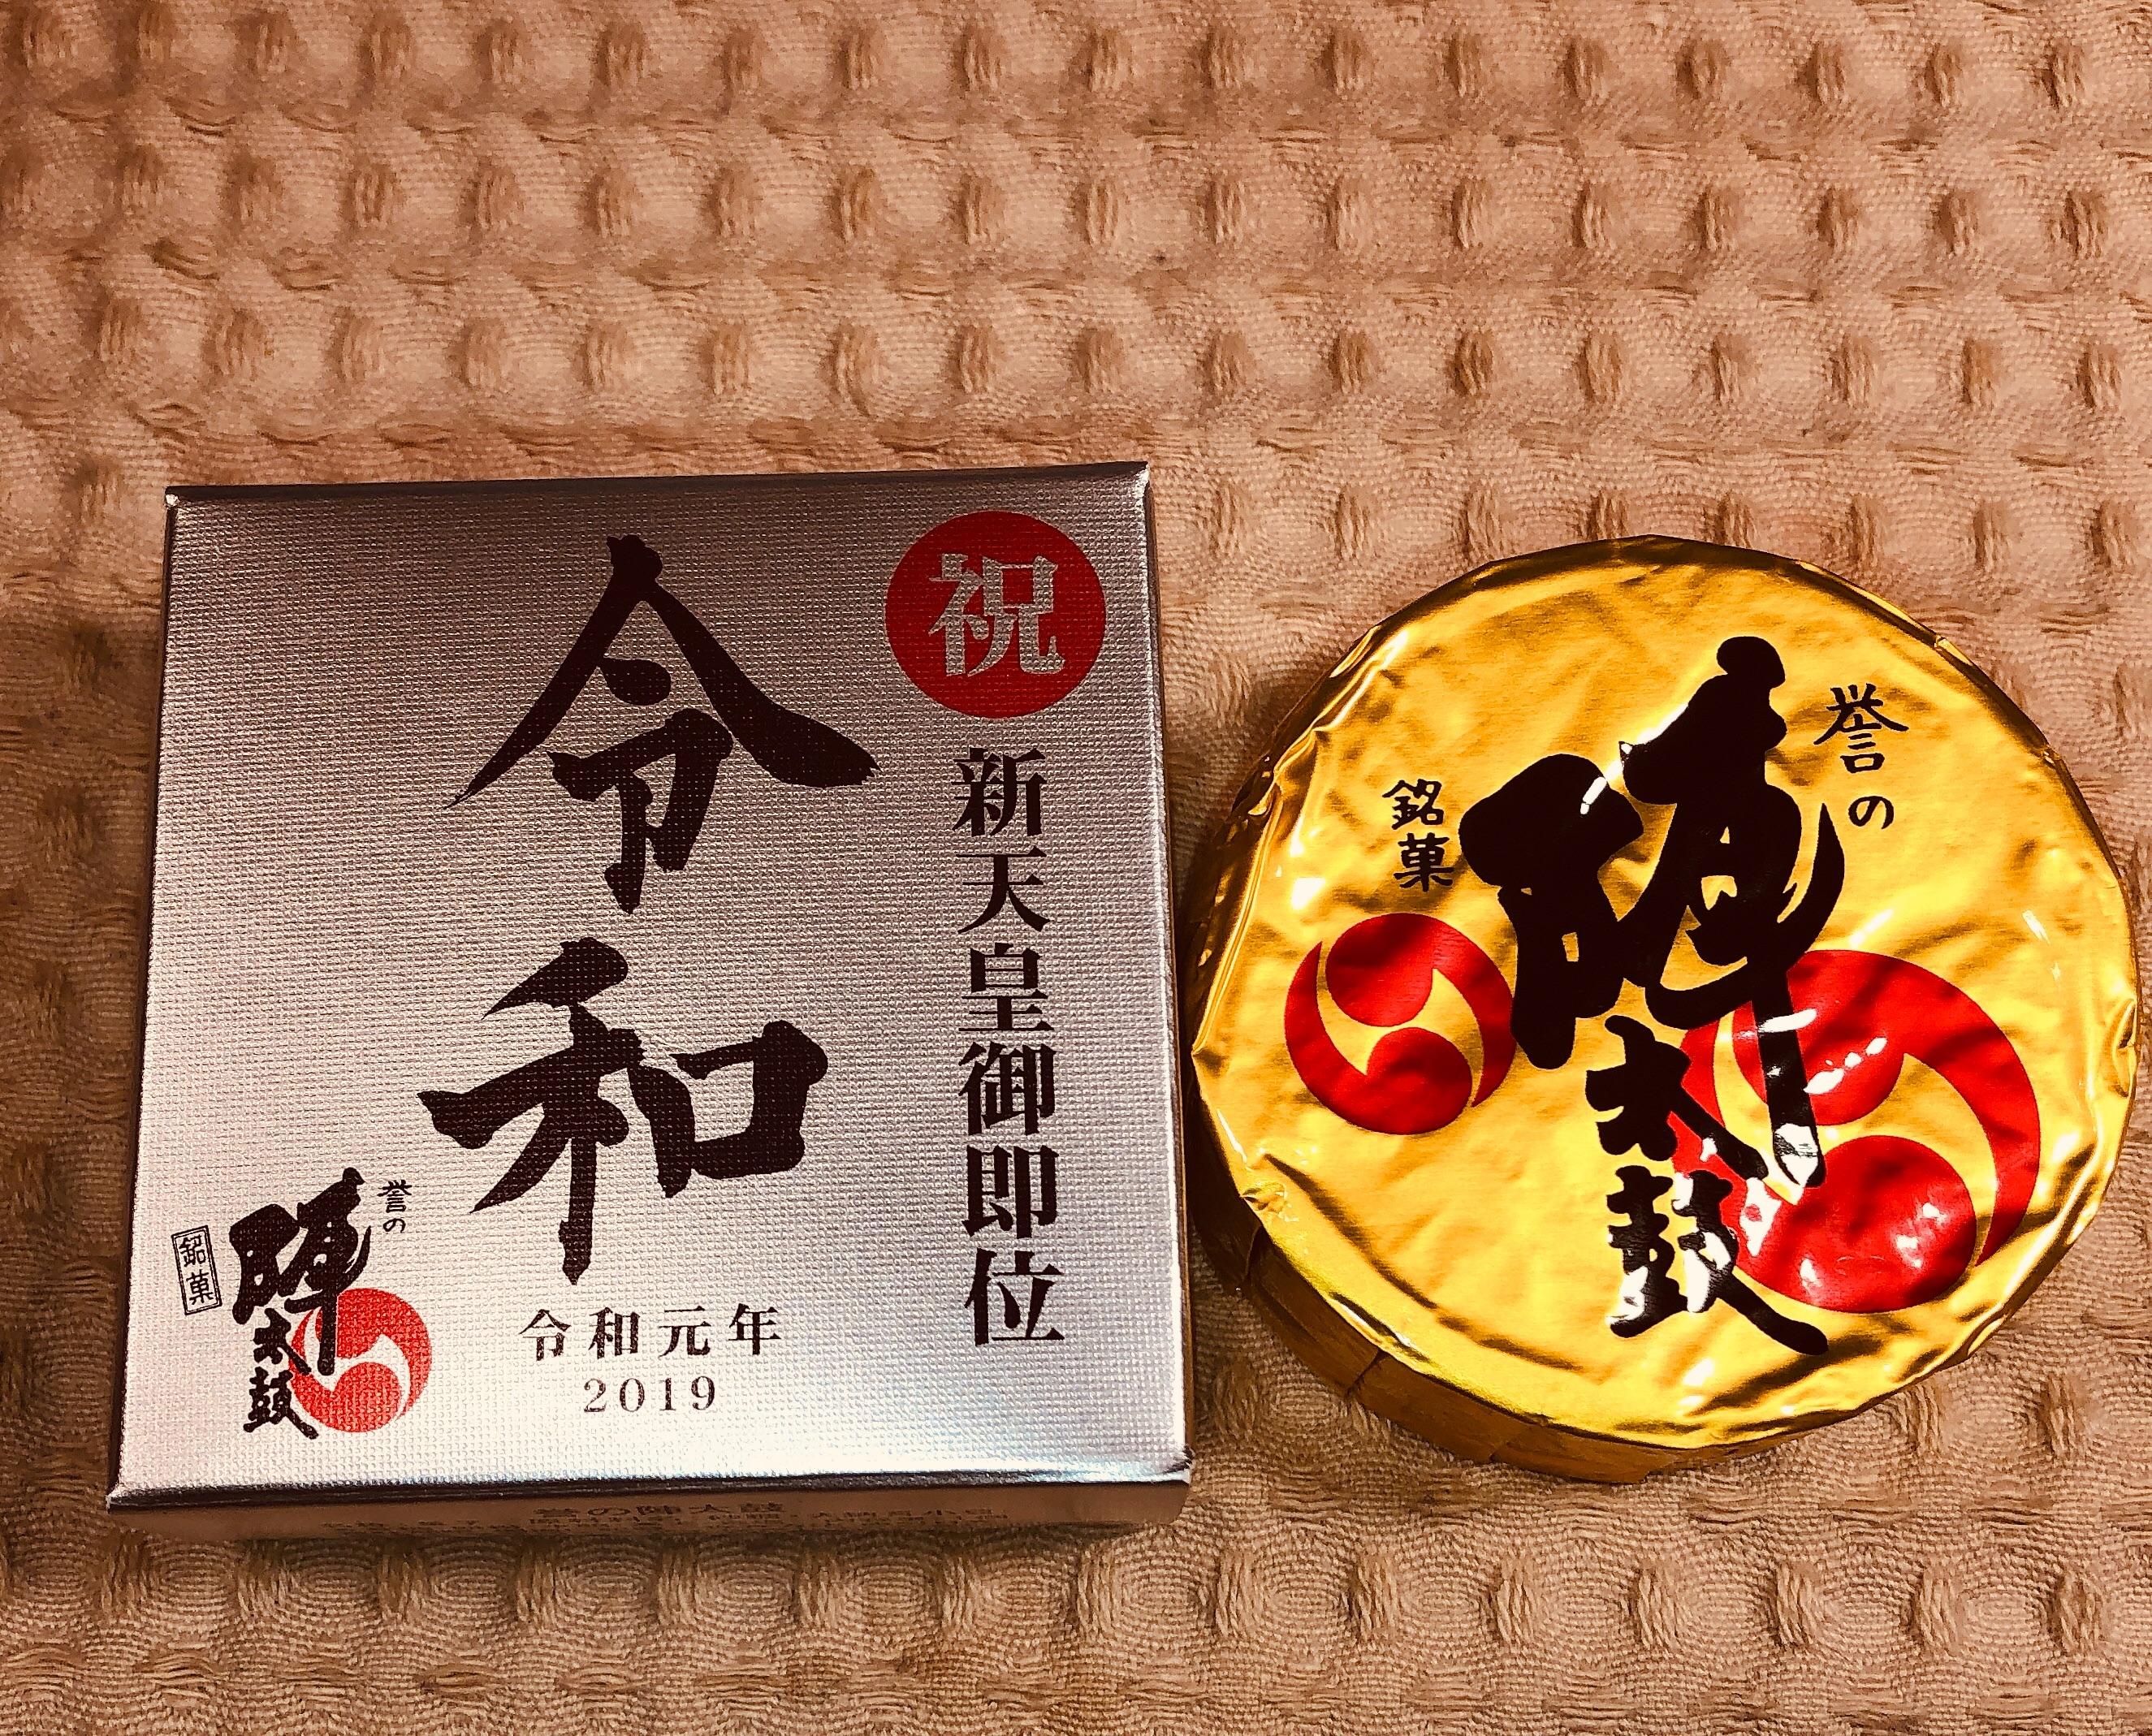 f:id:allergy_nagasakikko:20190506220855j:image